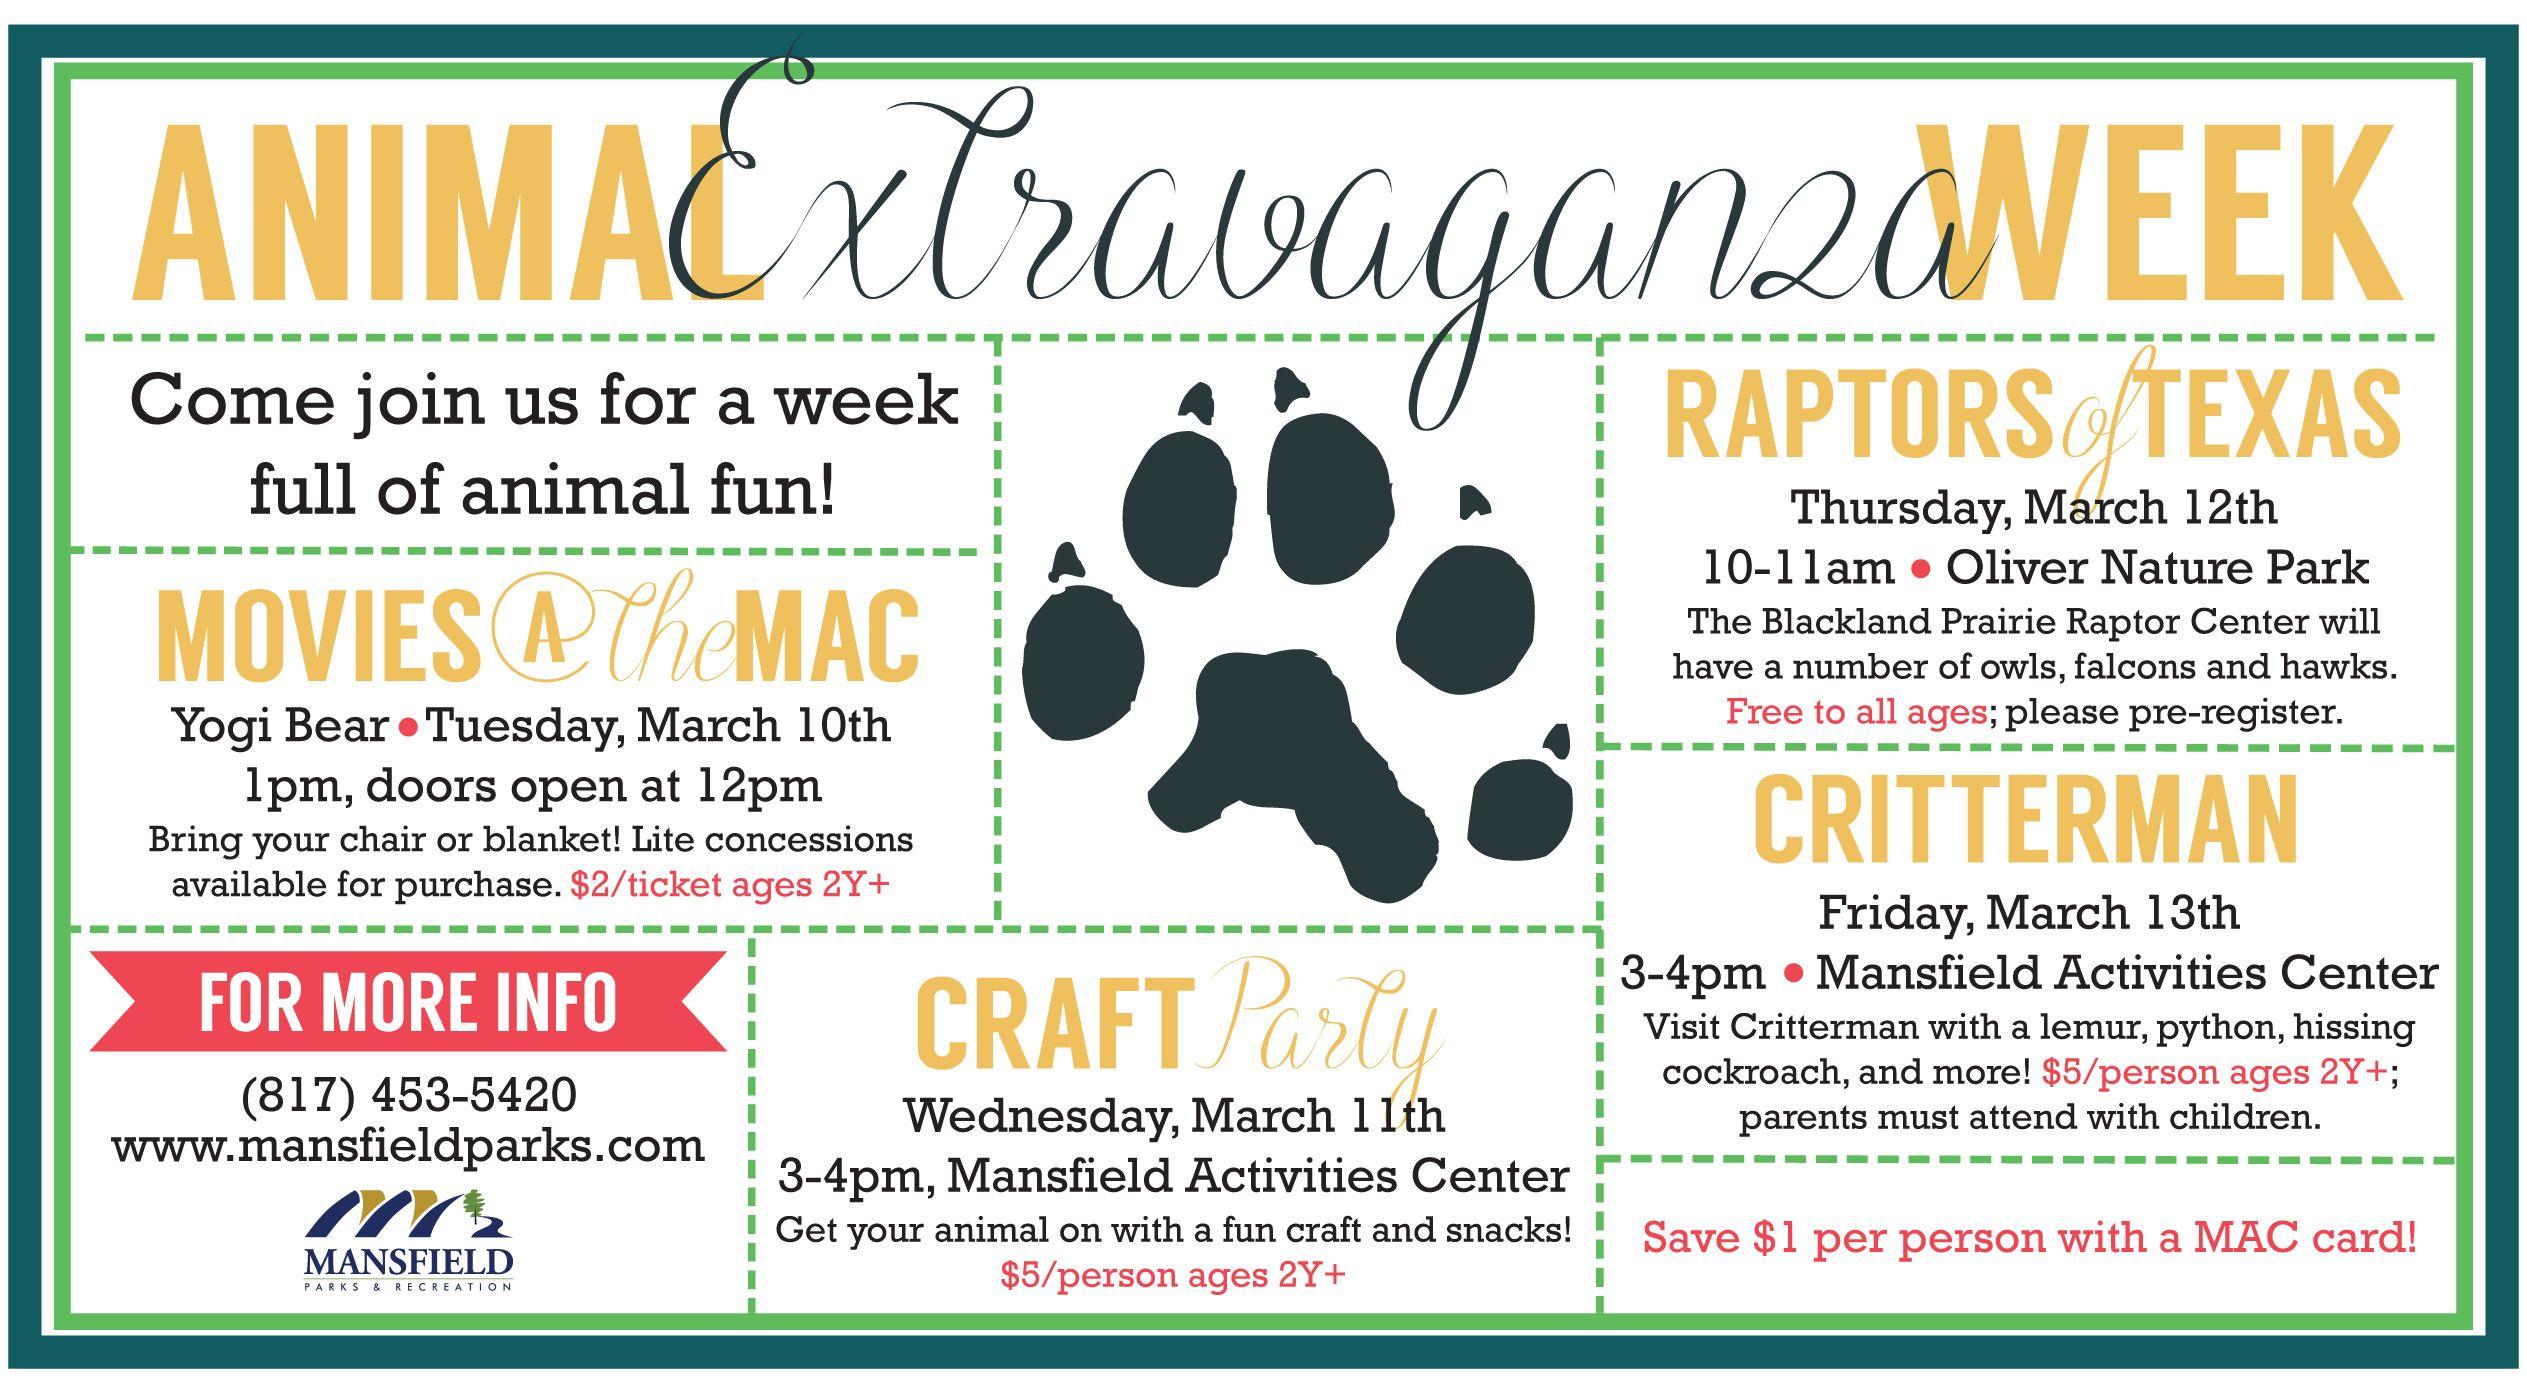 Animal Extravaganza Week 2015